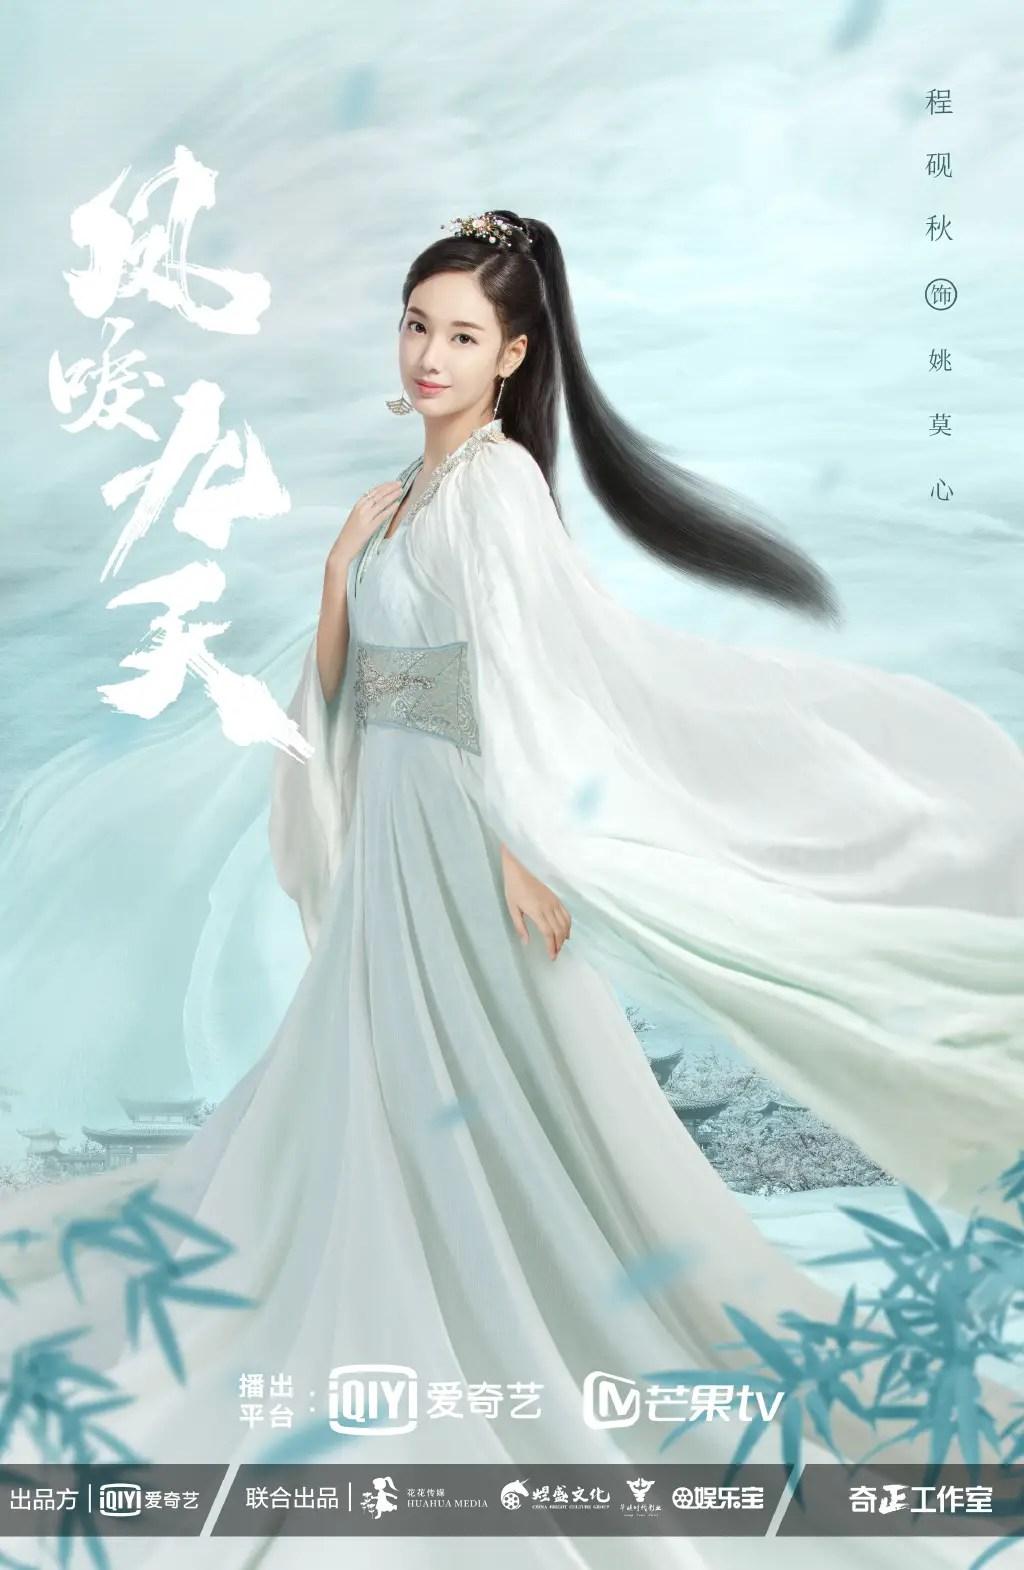 Cheng Yan Qiu